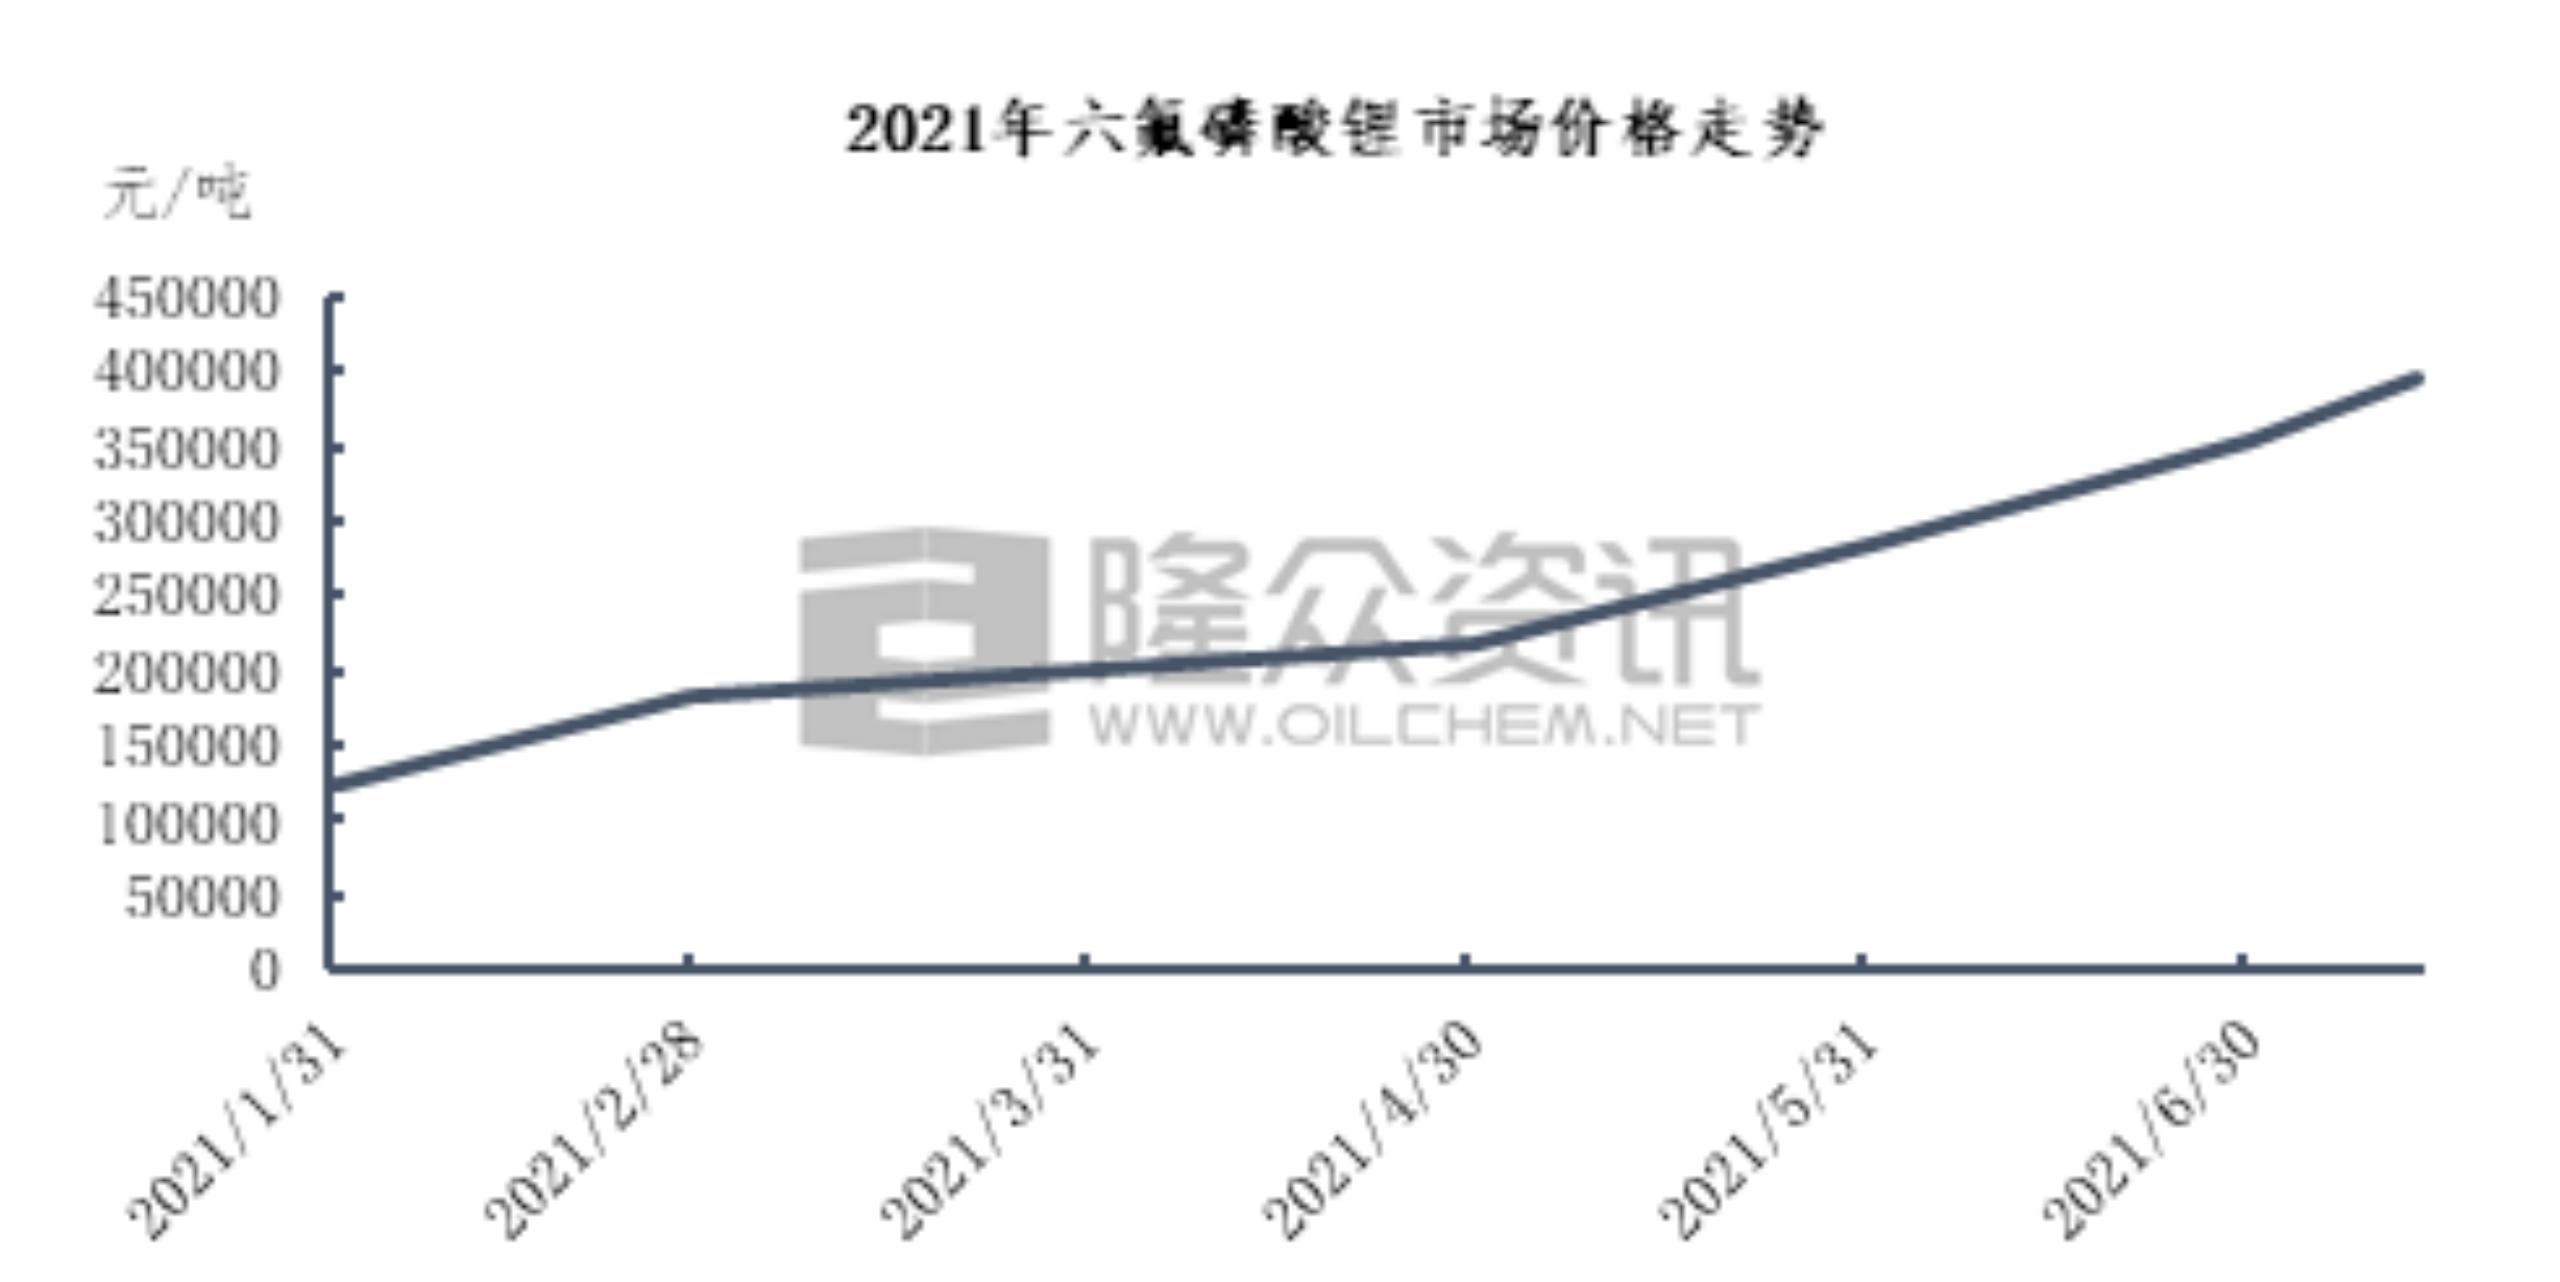 上半年六氟磷酸锂涨势迅猛 多氟多:供应偏紧延续至明年上半年